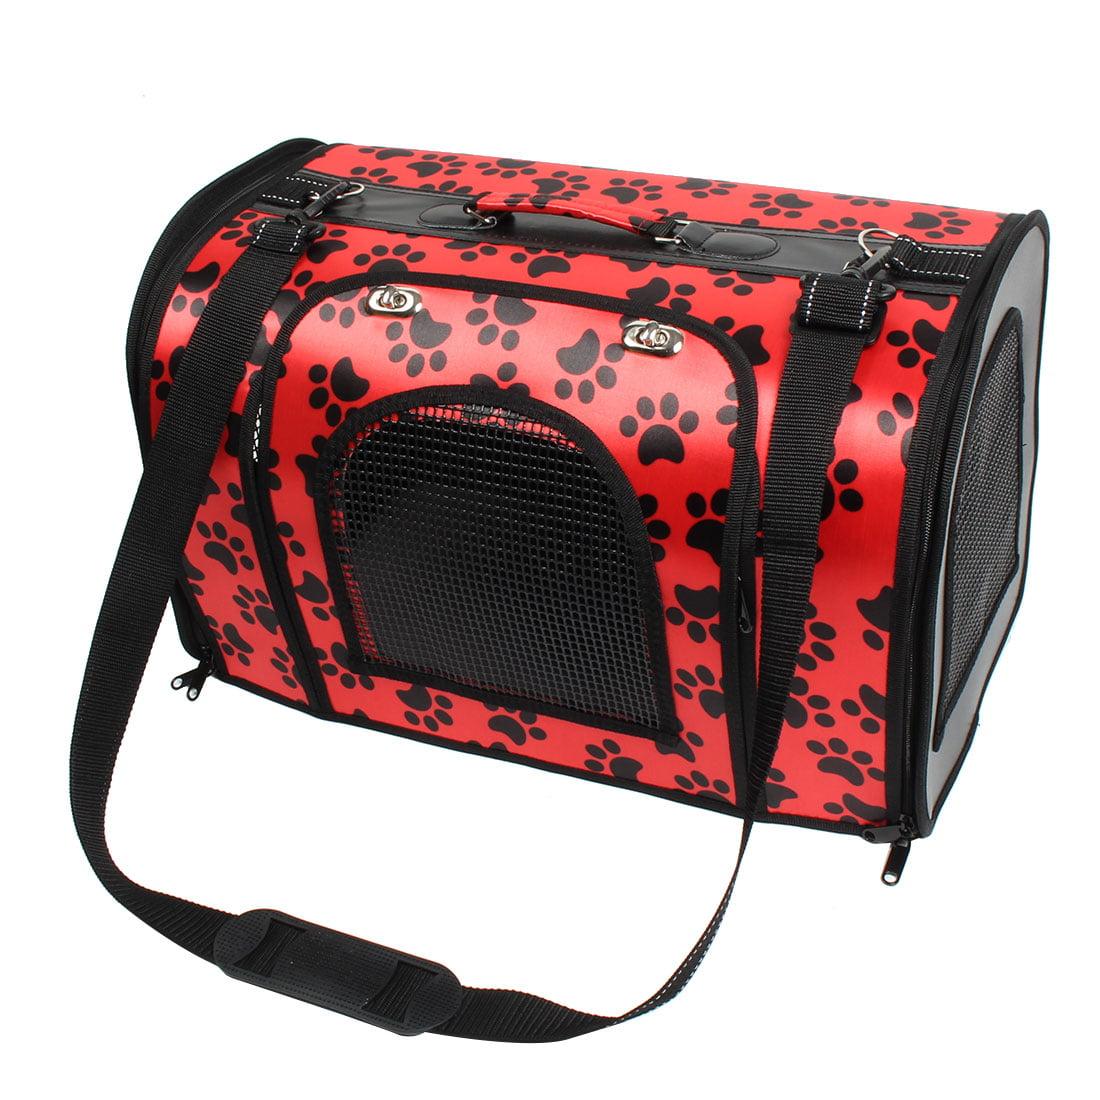 Pet Cat PVC Claws Footprint Zipper Closure Carrier Handbag 48.5 x 28.5 x 32cm